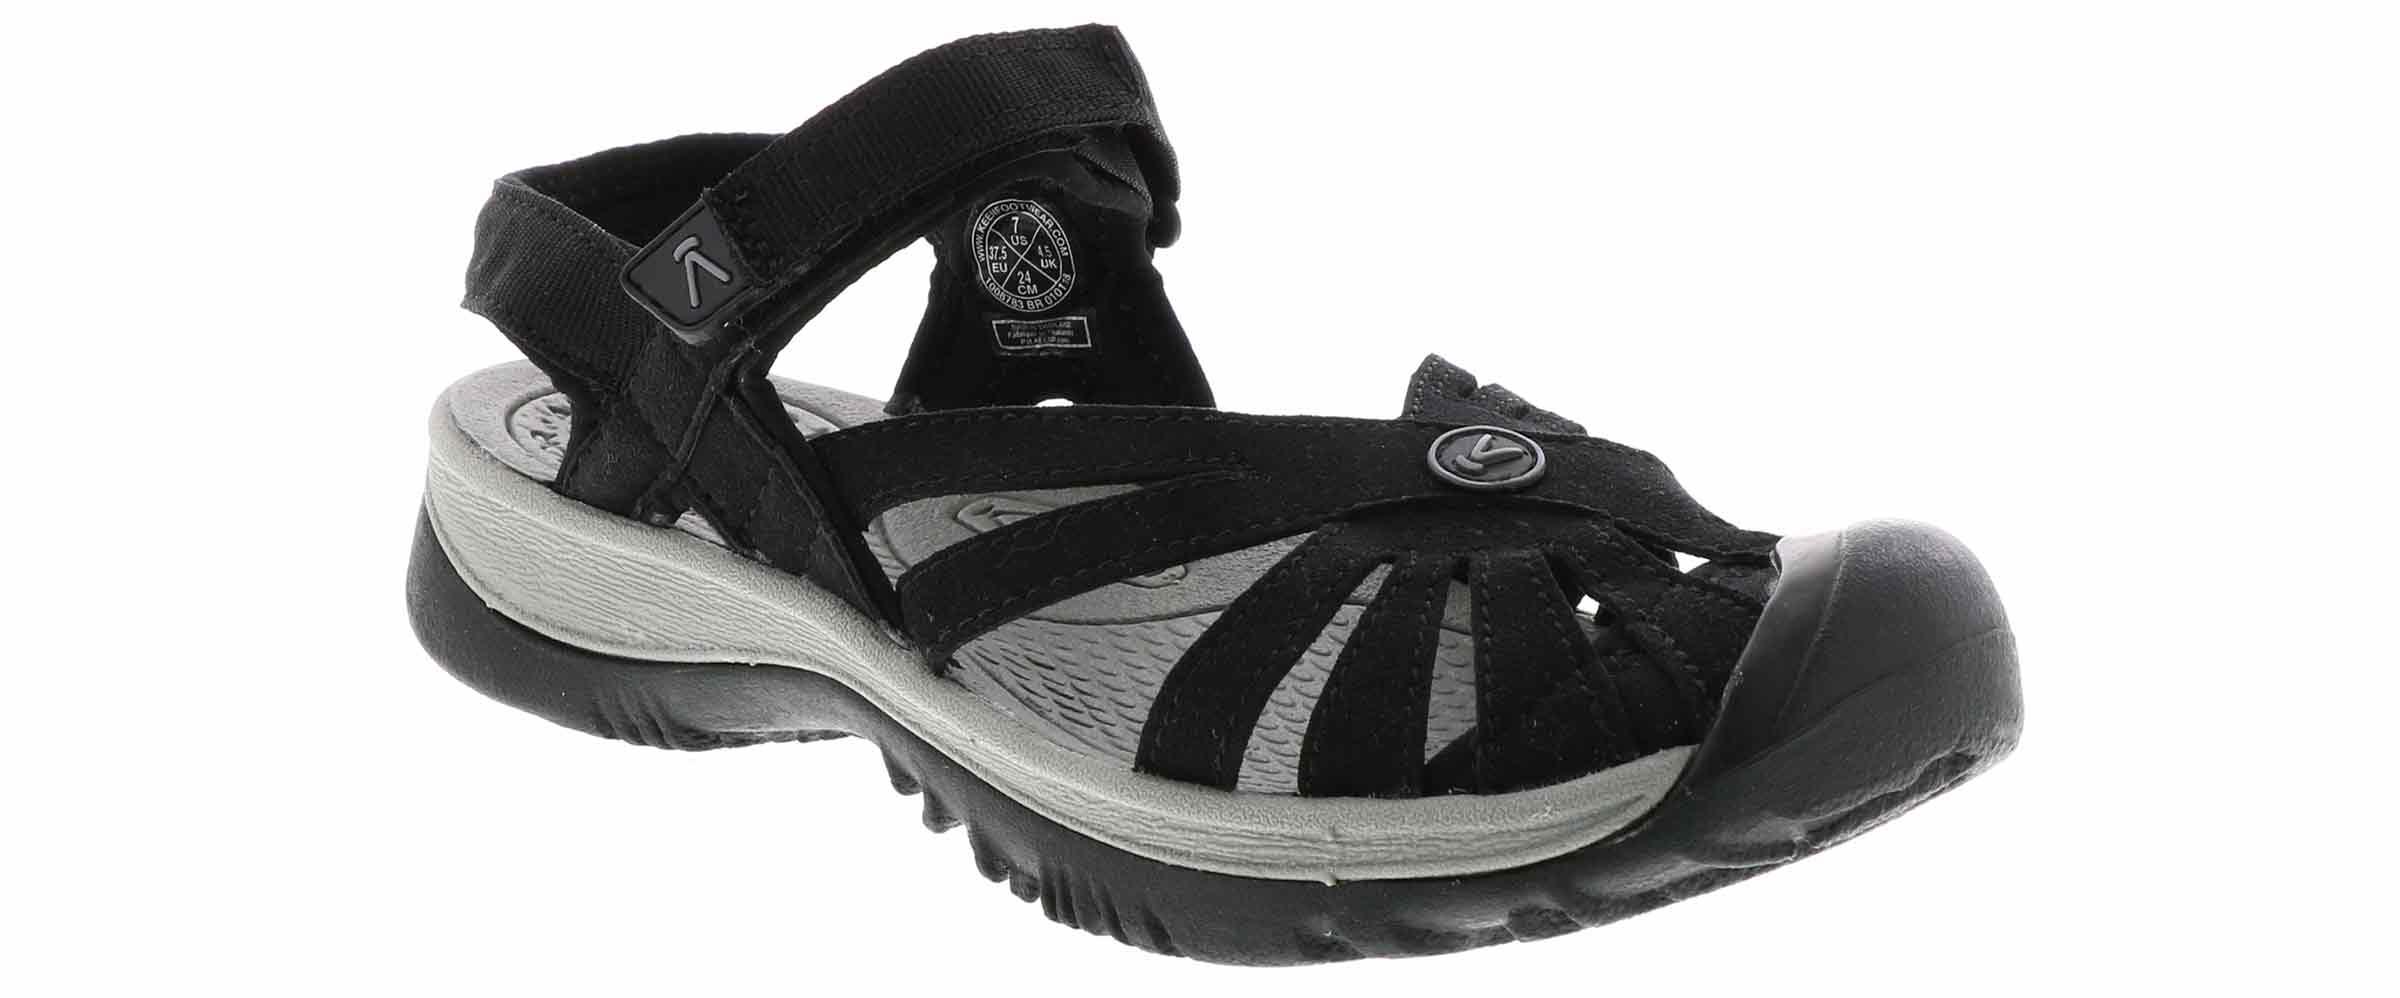 Keen Rose Women's Outdoor Shoe